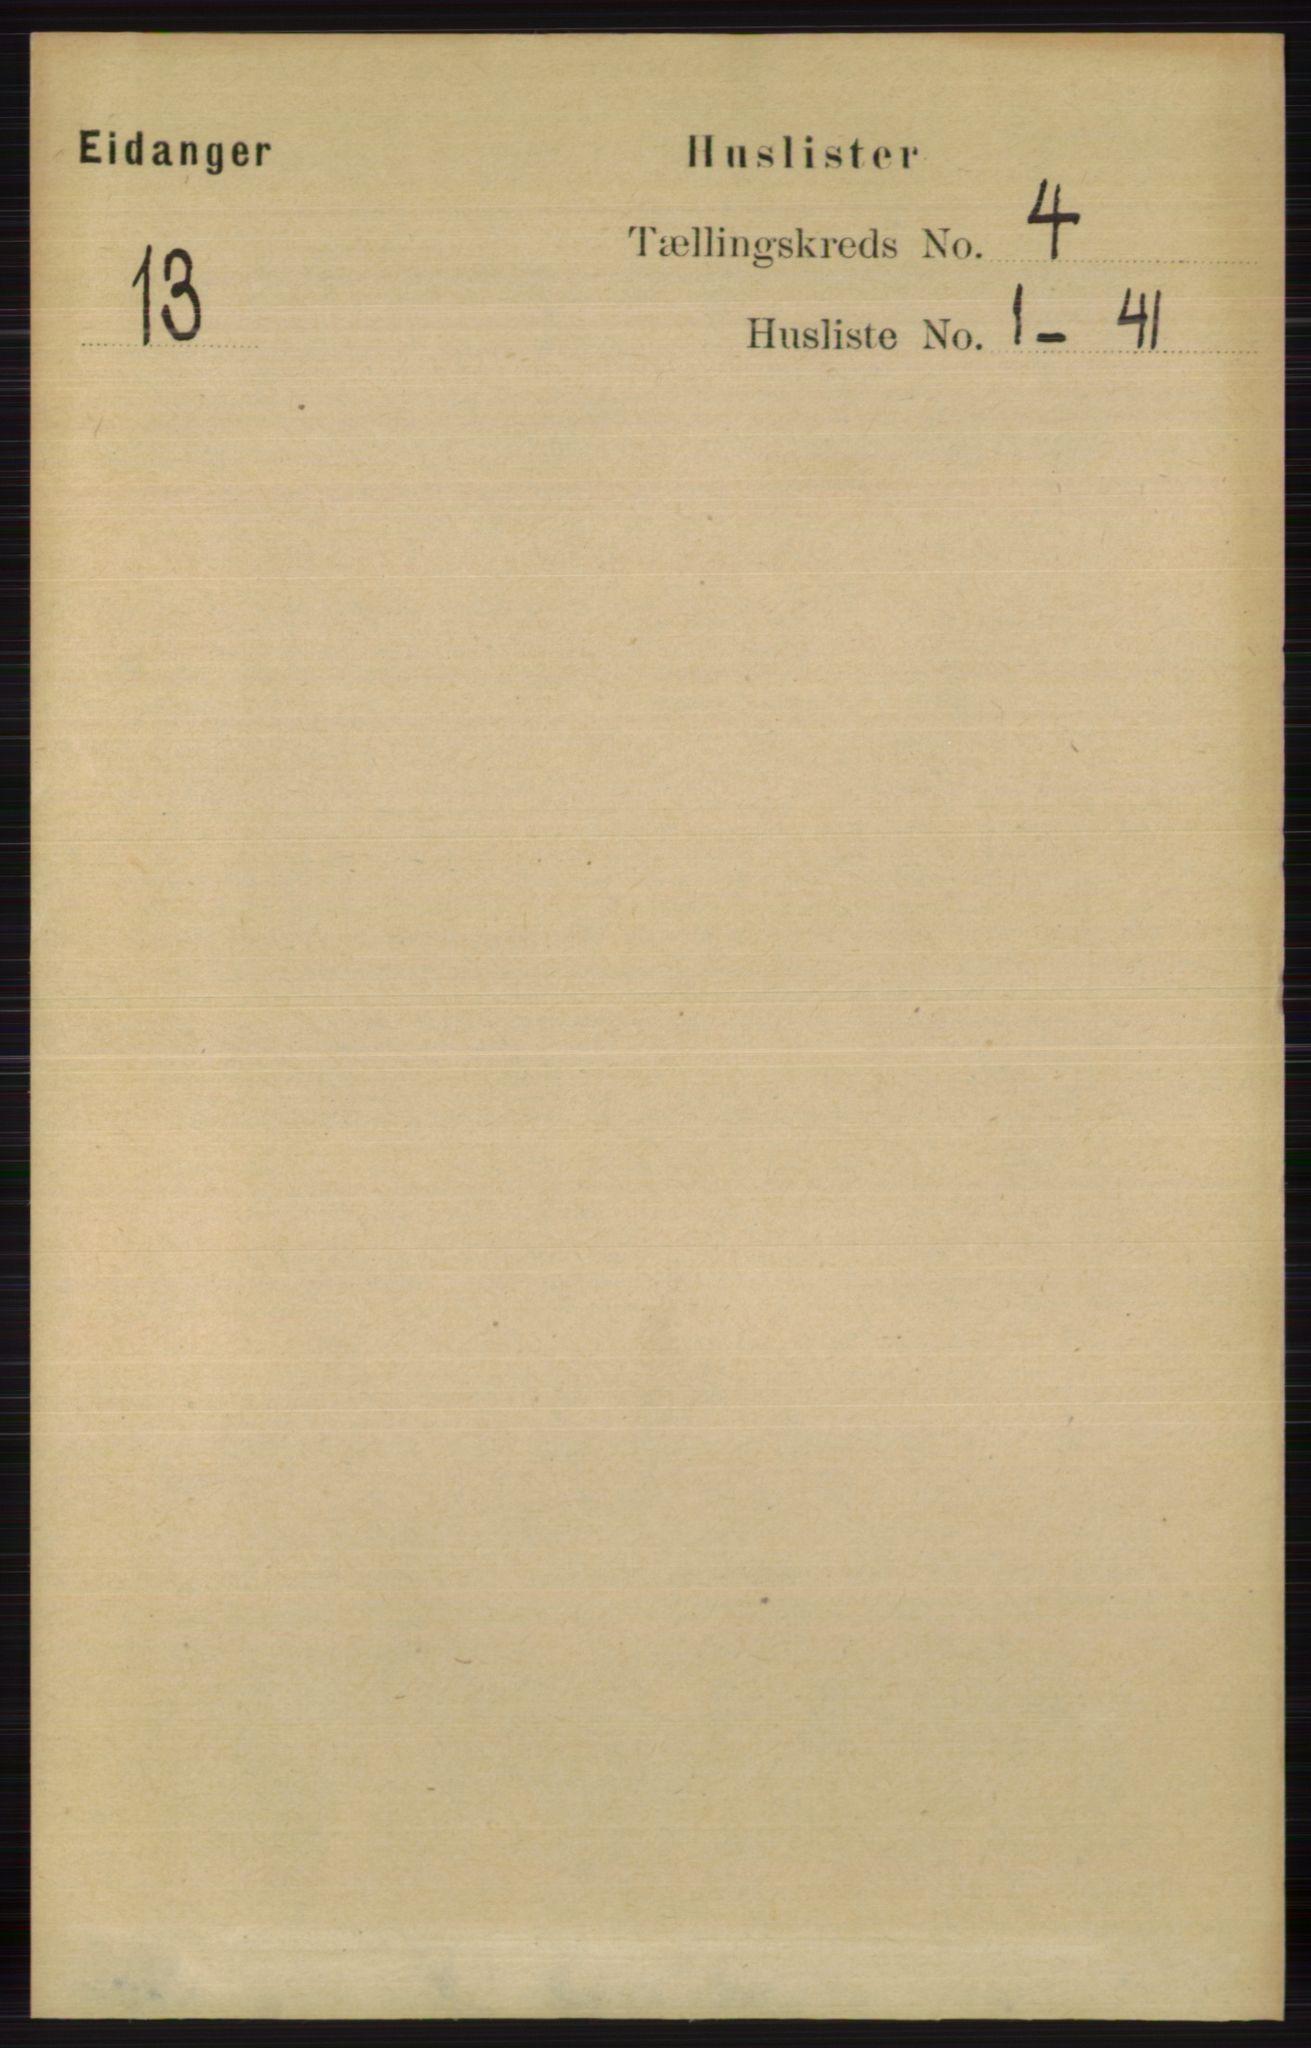 RA, Folketelling 1891 for 0813 Eidanger herred, 1891, s. 1894